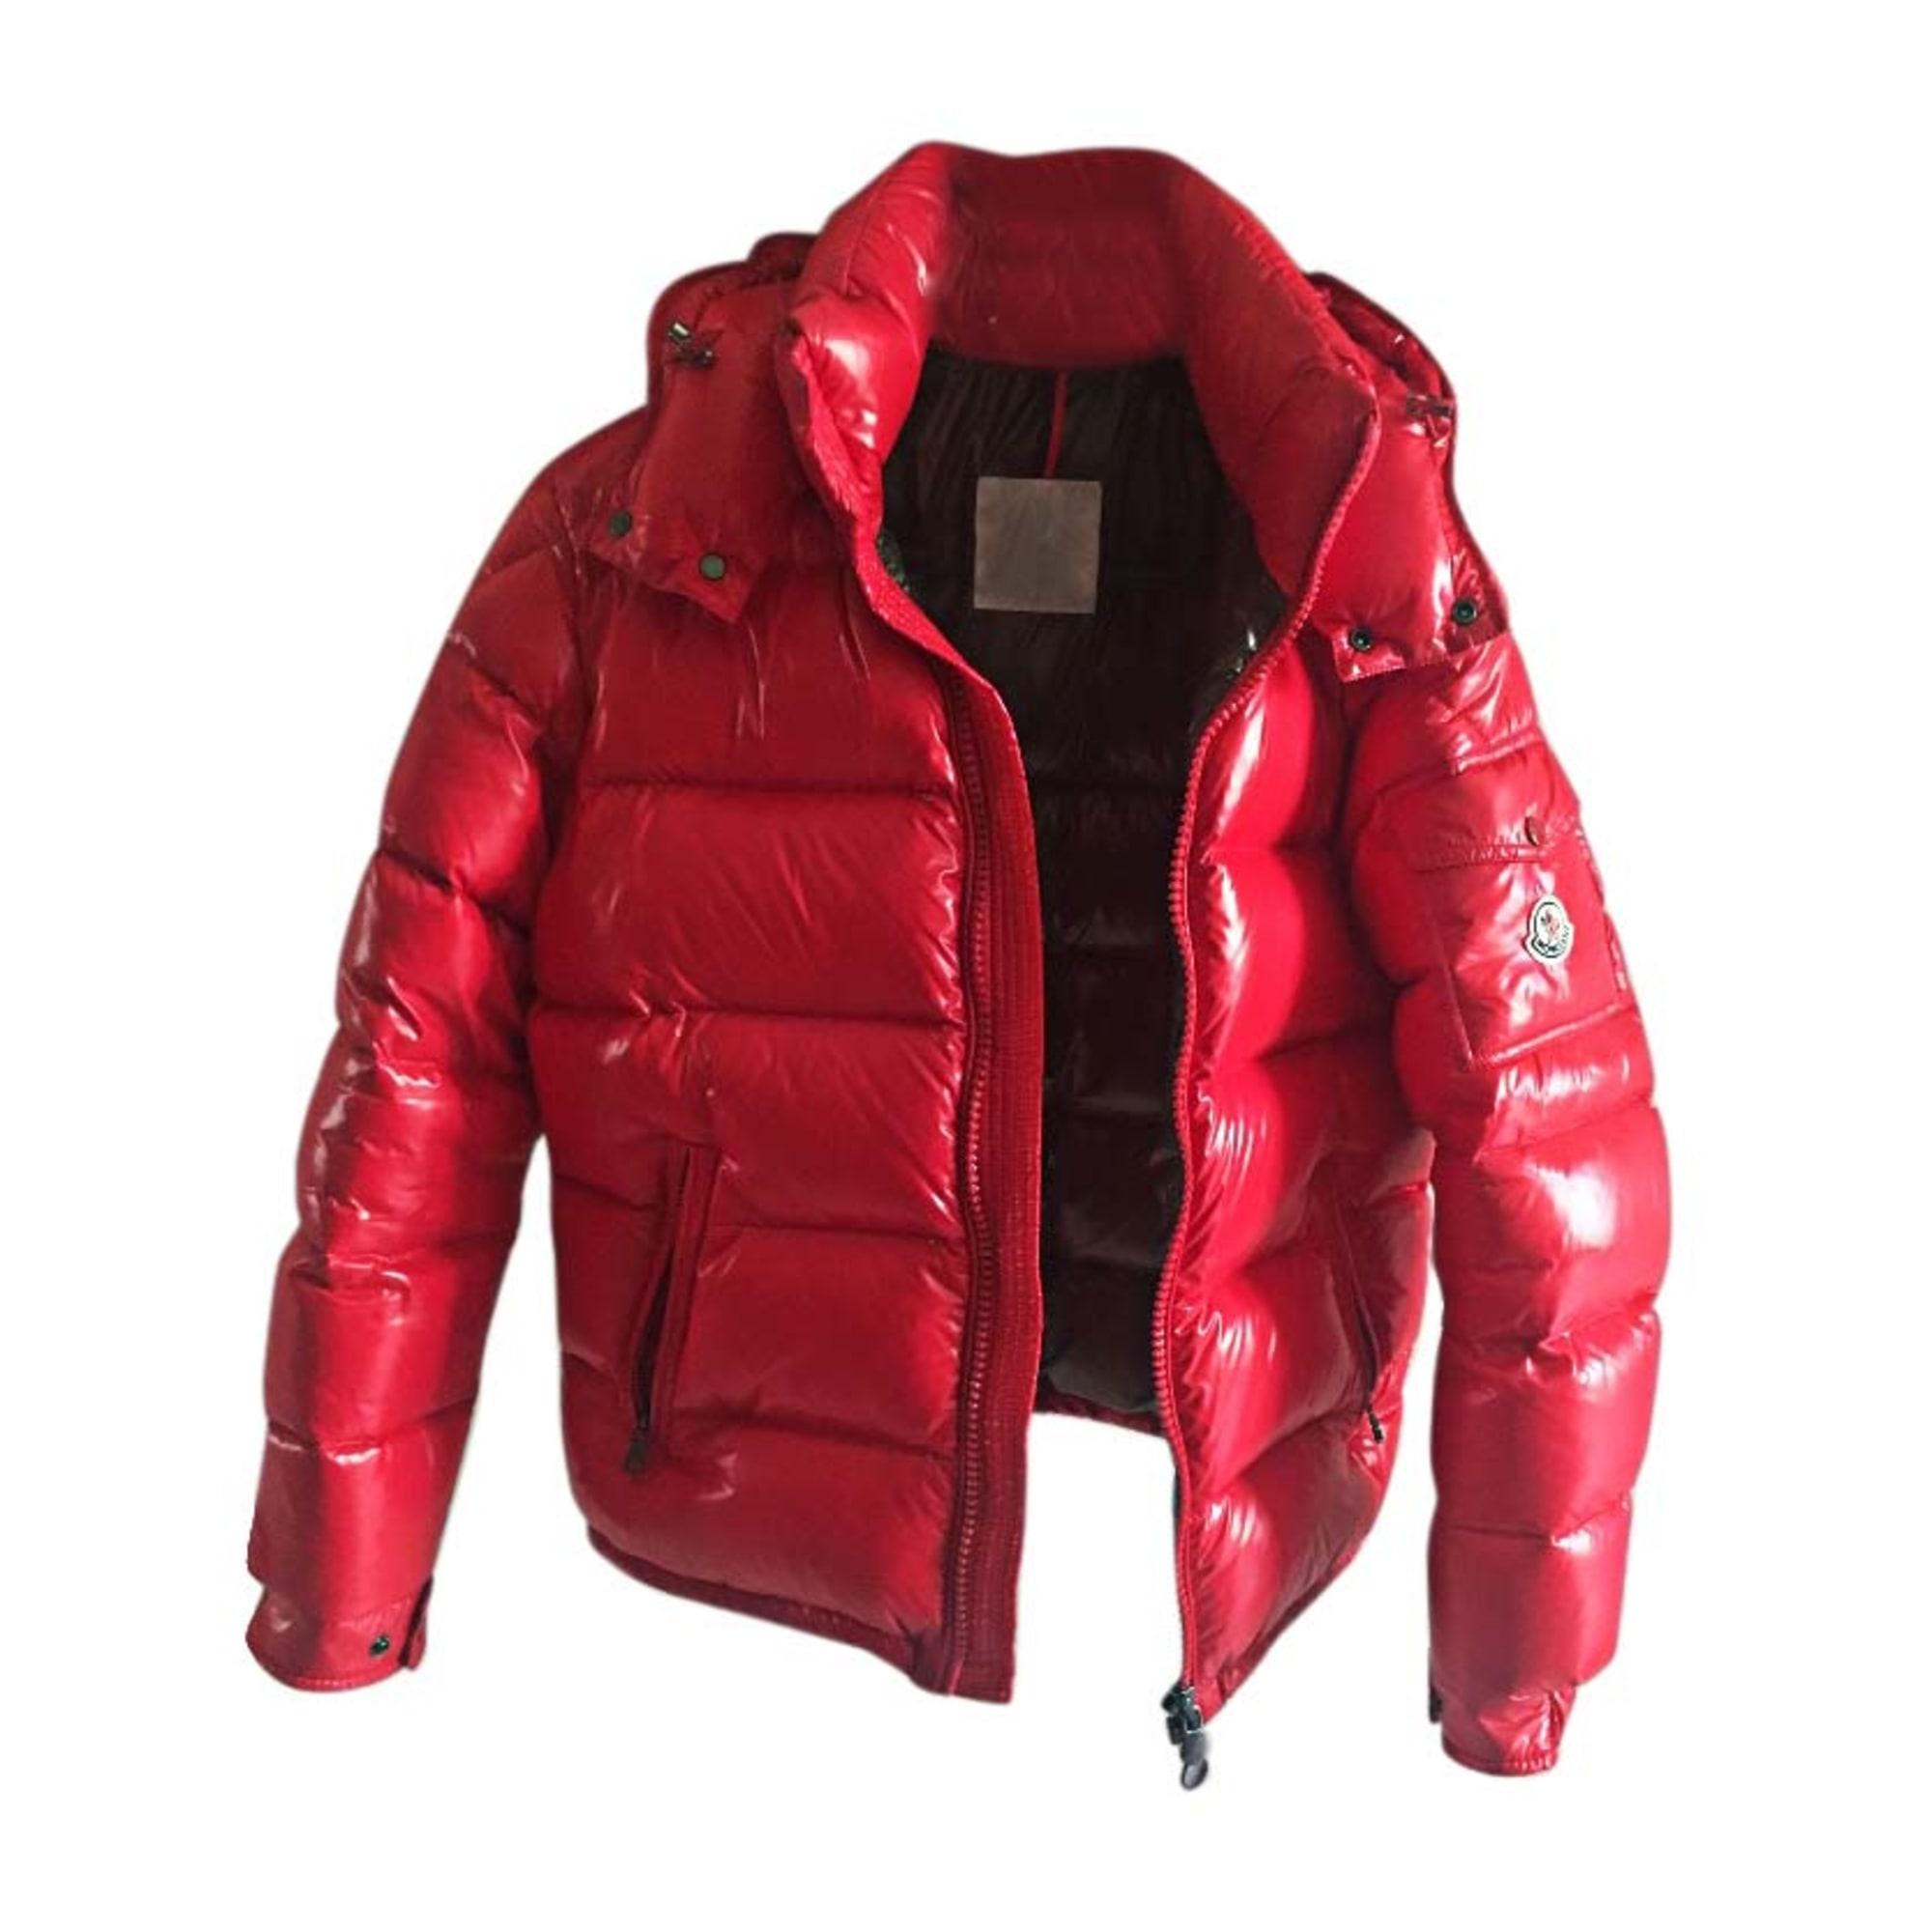 b7b63381732 Doudoune MONCLER Autre rouge vendu par Julien 1612 - 6015403